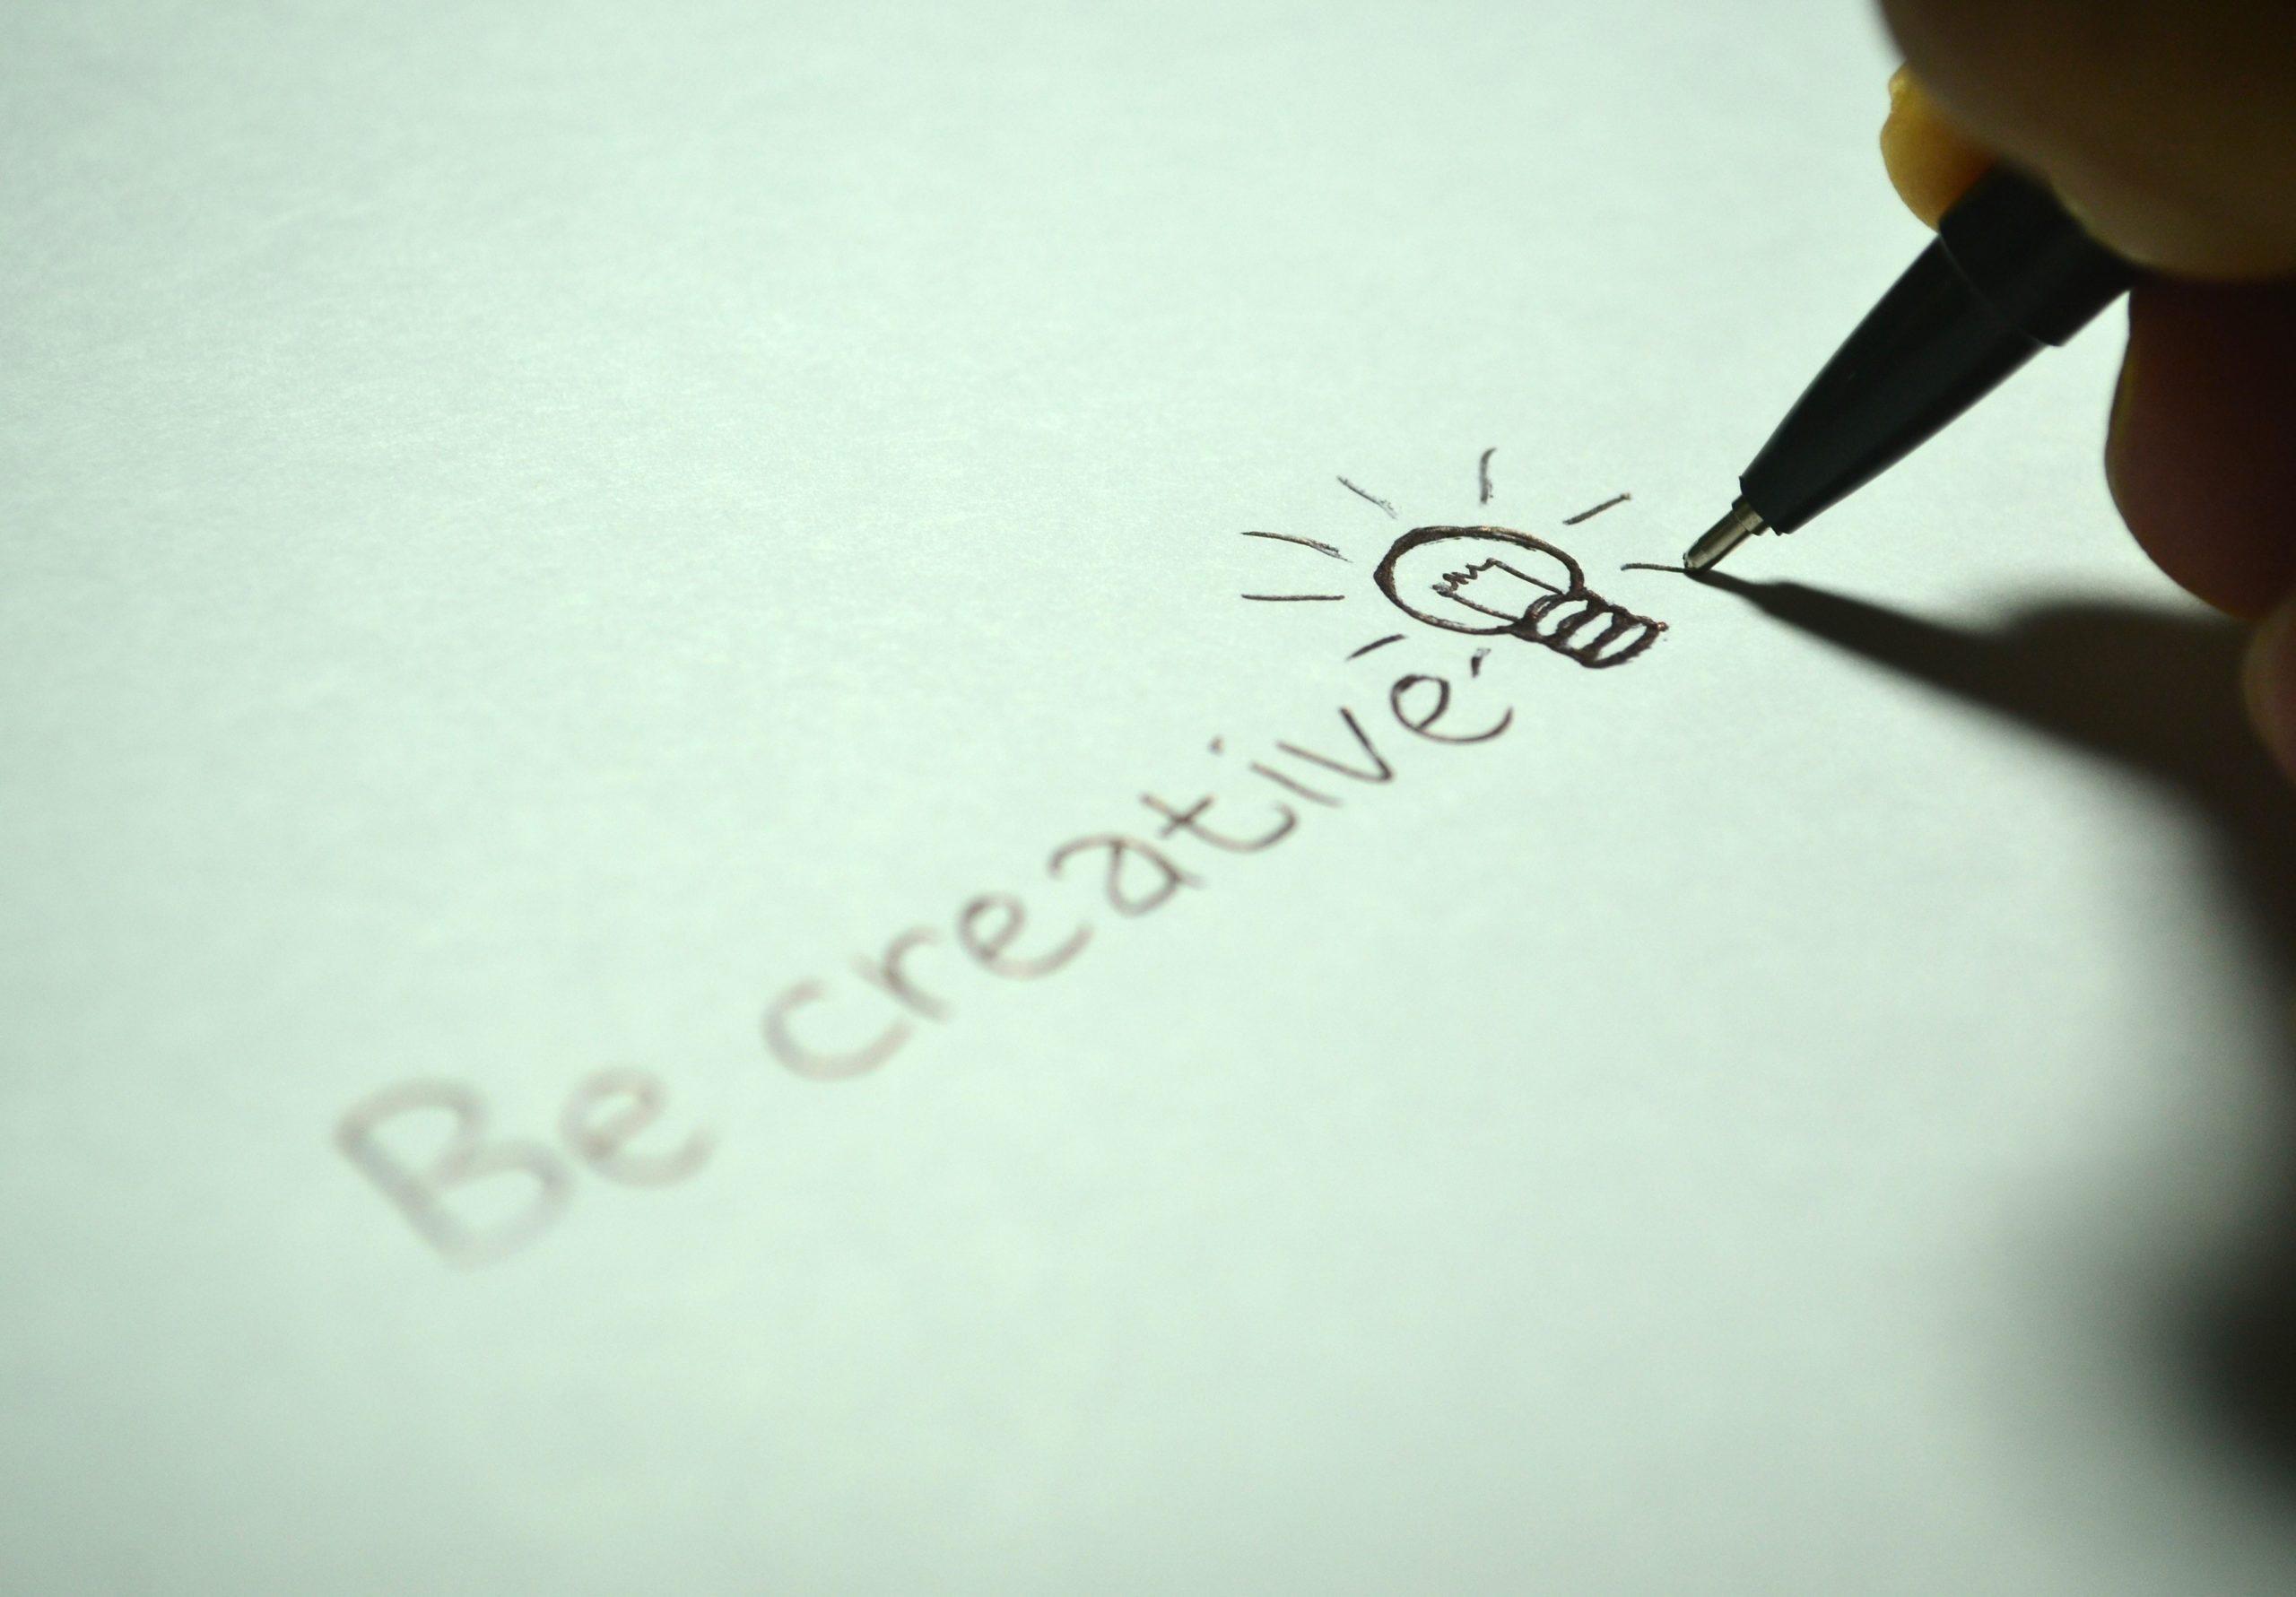 Légy kreatív! Innováció